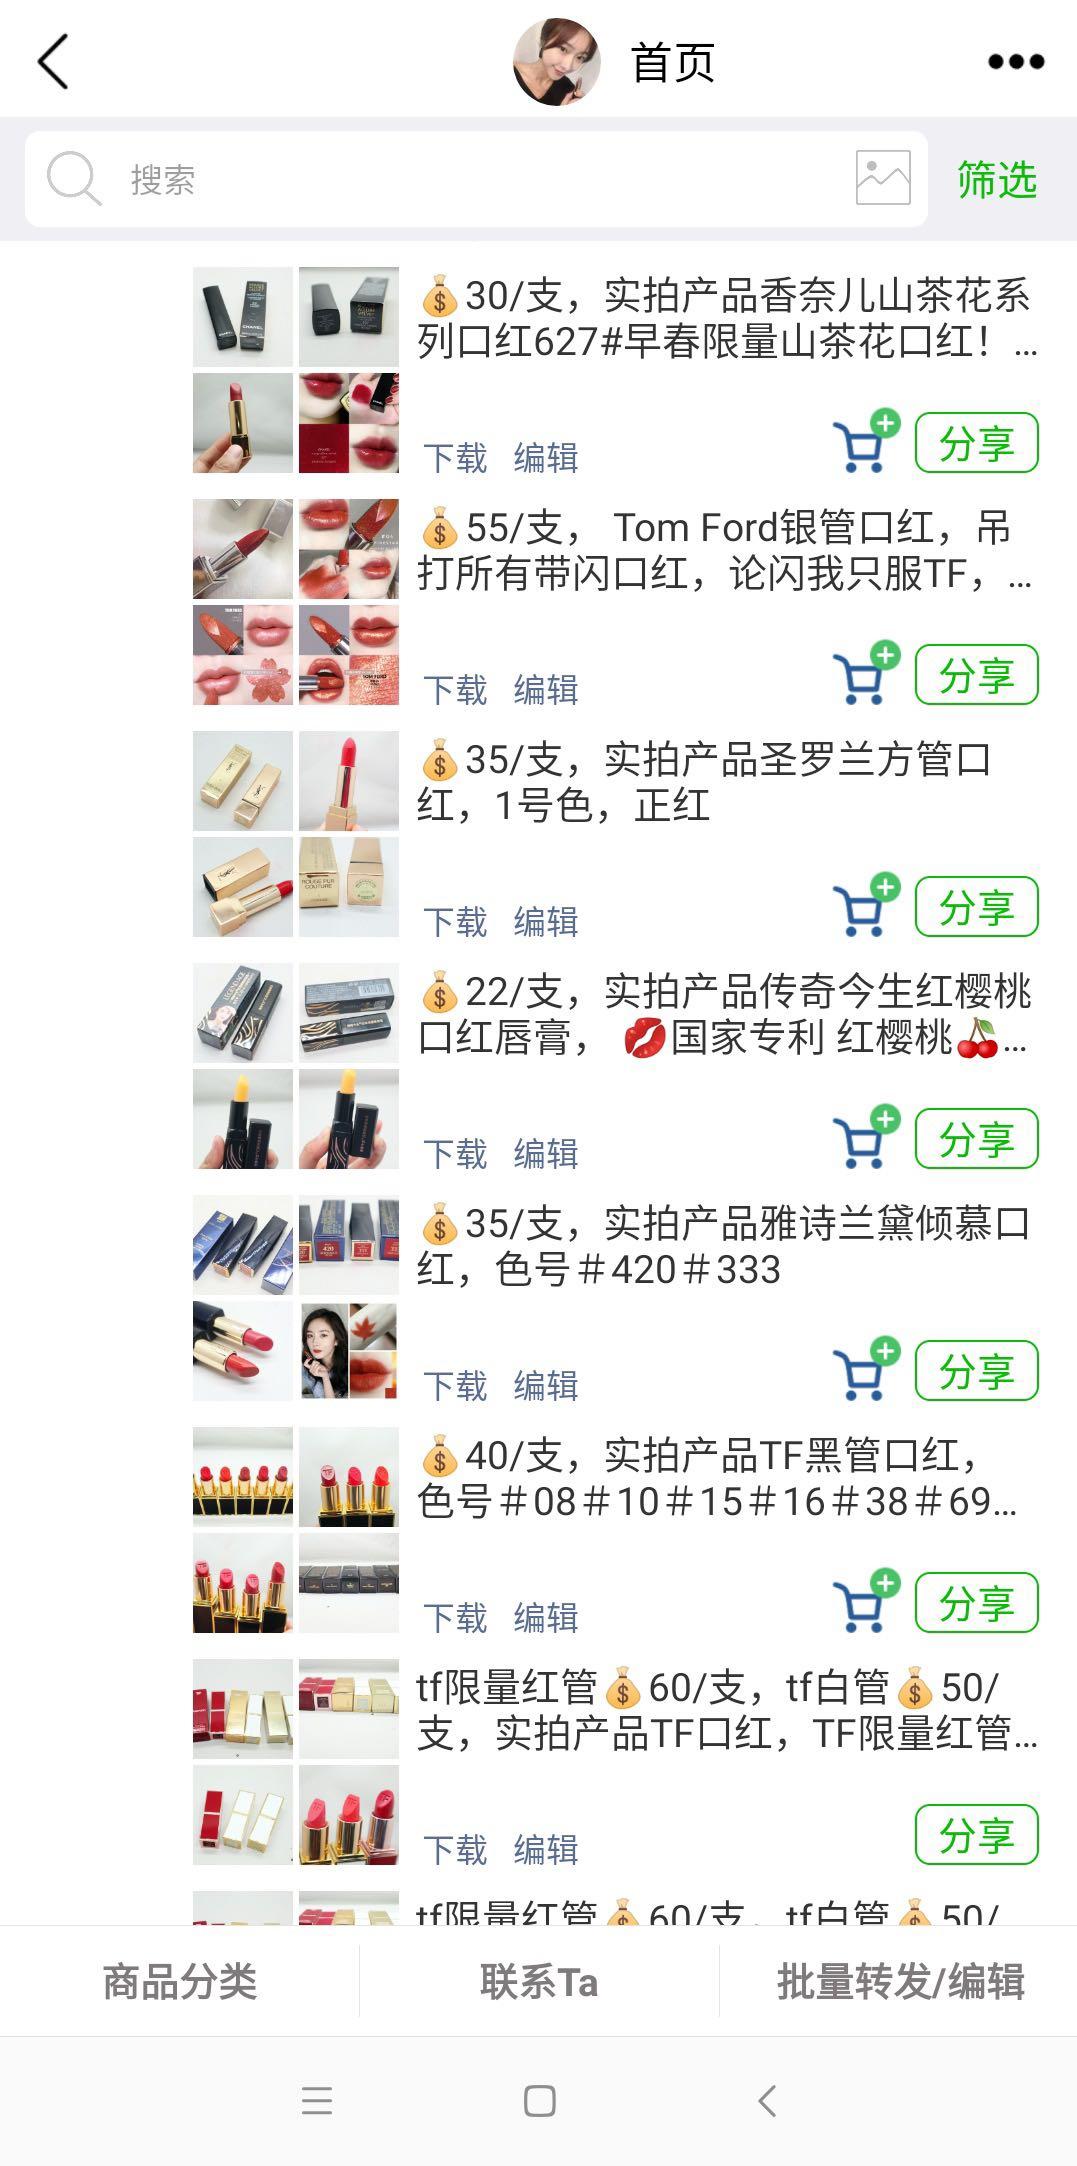 """一名微信昵稱為""""美婷美妝""""的微商相冊,聲稱""""貨""""來自汕頭潮南區,相冊發布有各類低價仿制口紅。"""